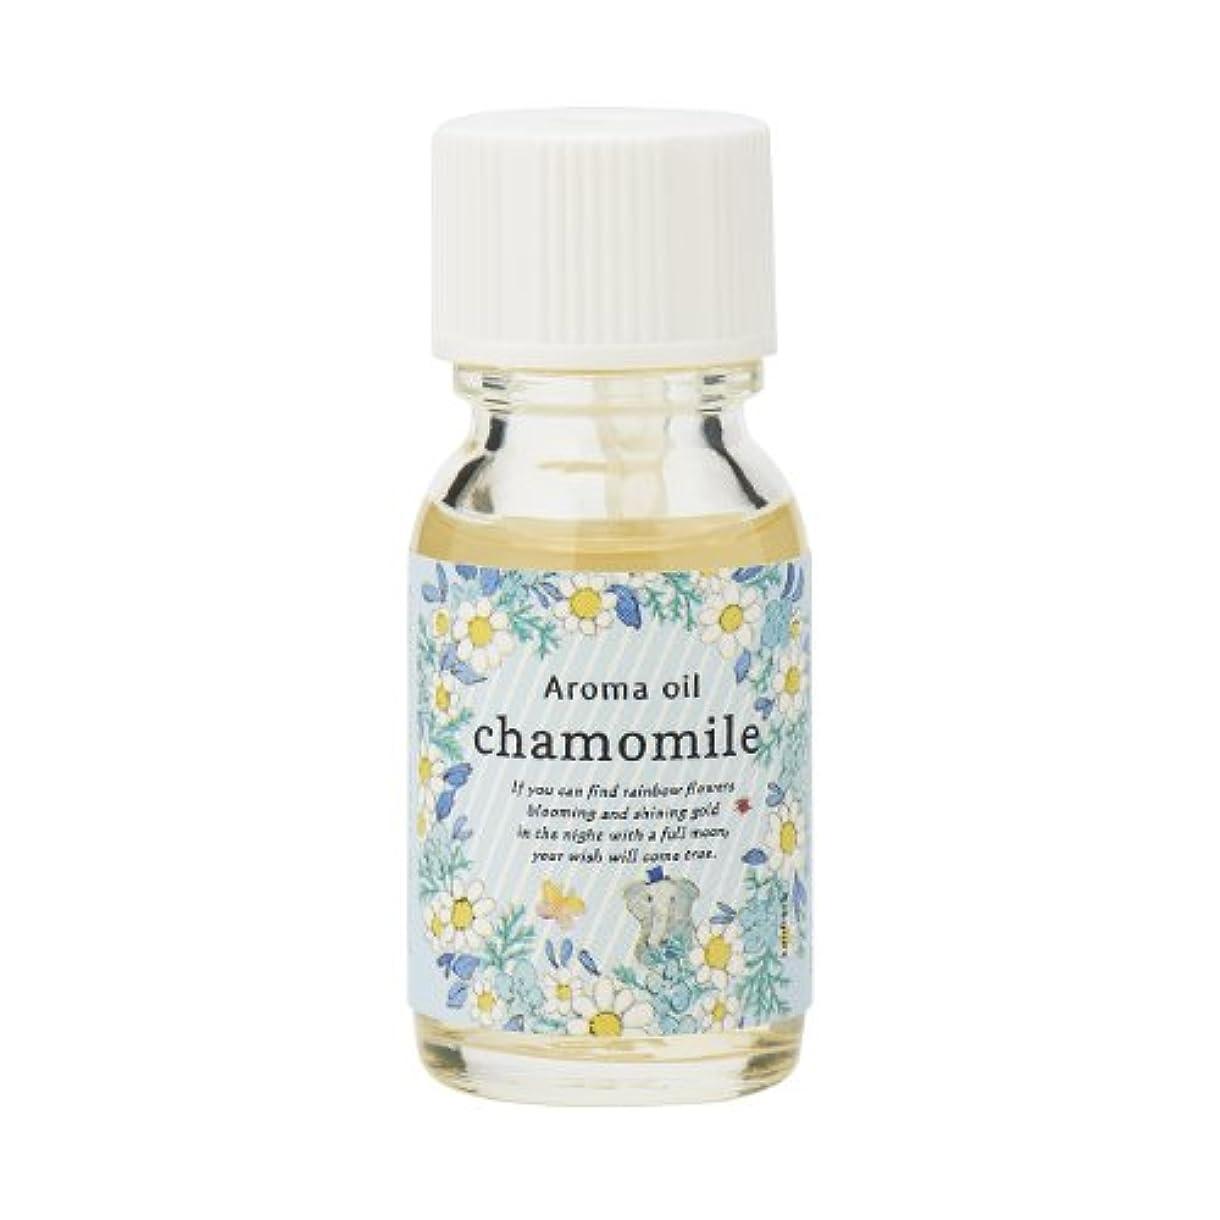 付けるテセウス物理学者サンハーブ アロマオイル カモマイル 13ml(やさしく穏やかな甘い香り)